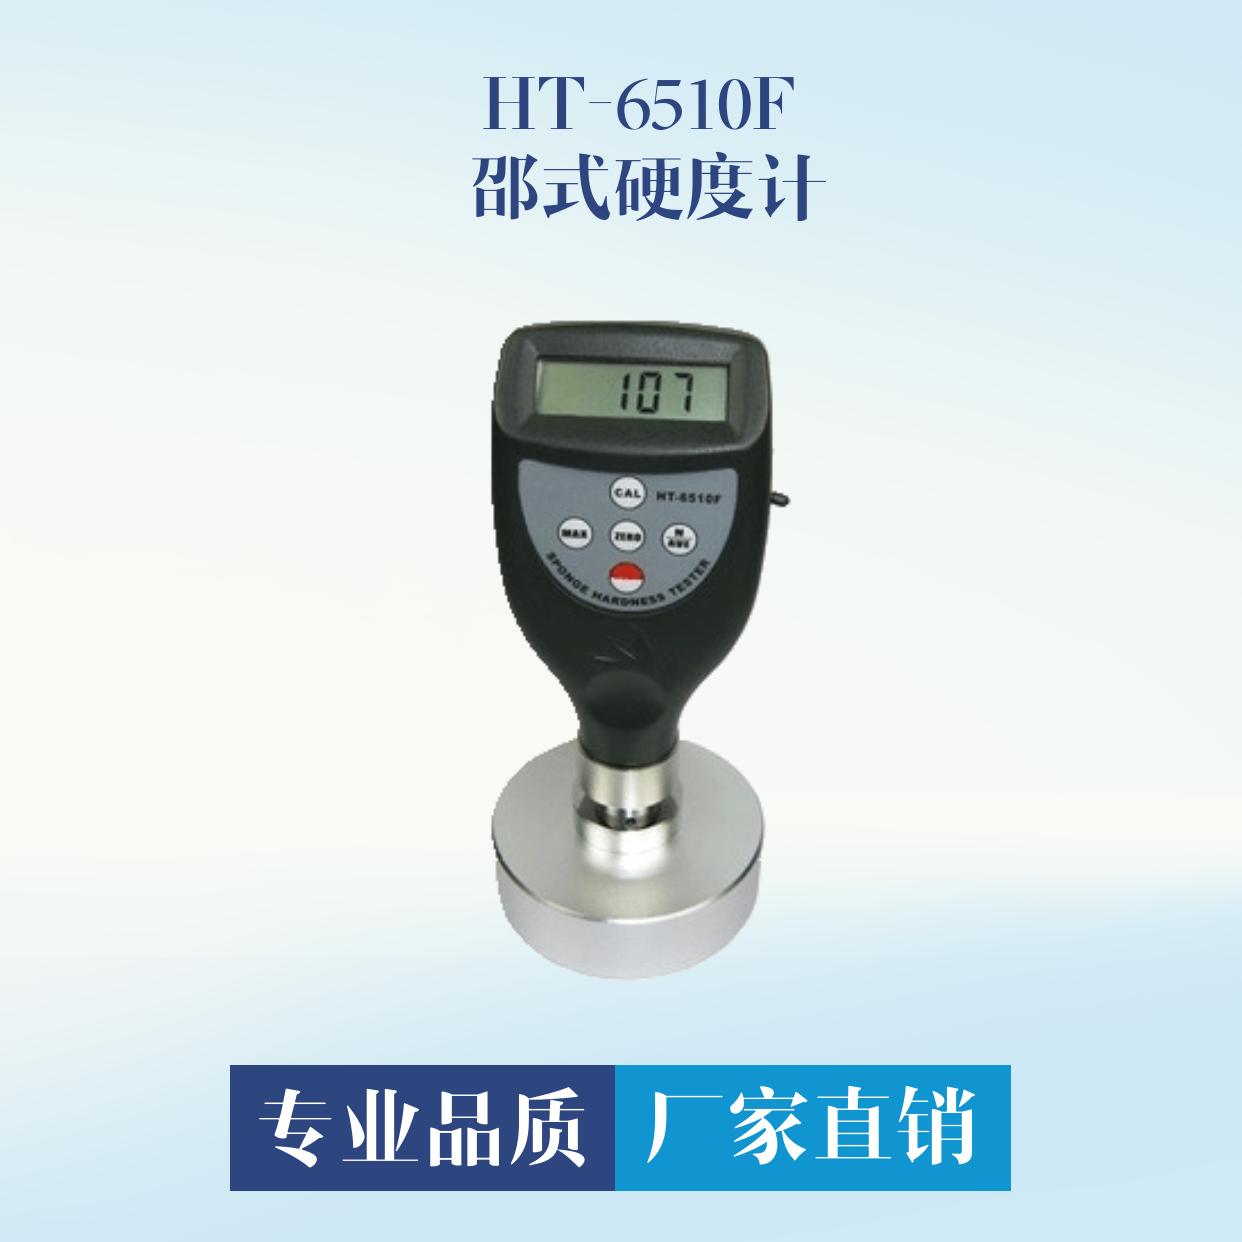 HT-6510F 邵式硬度计